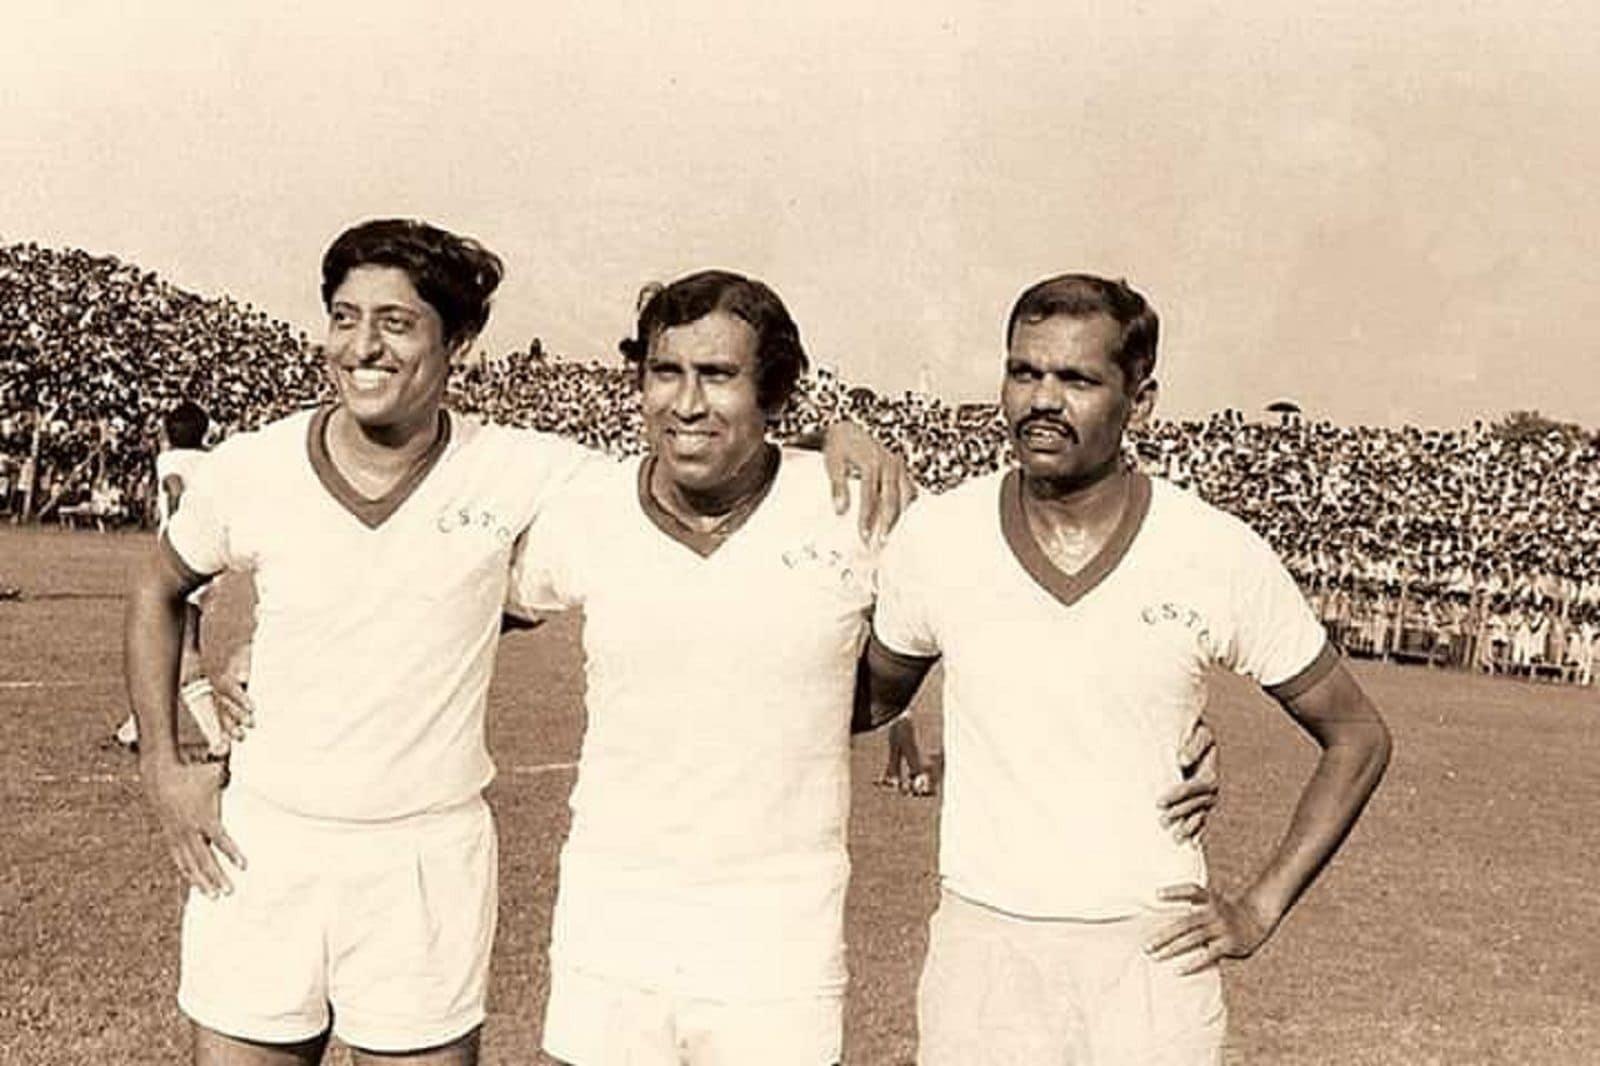 মোহনবাগানের ক্যাপ্টেন ছিলেন। জাতীয় ফুটবল দলকে নেতৃত্ব দিয়েছেন। আবার রঞ্জি ট্রফিতে বাংলার ক্রিকেট দলের অধিনায়ক ছিলেন চুনী গোস্বামী।